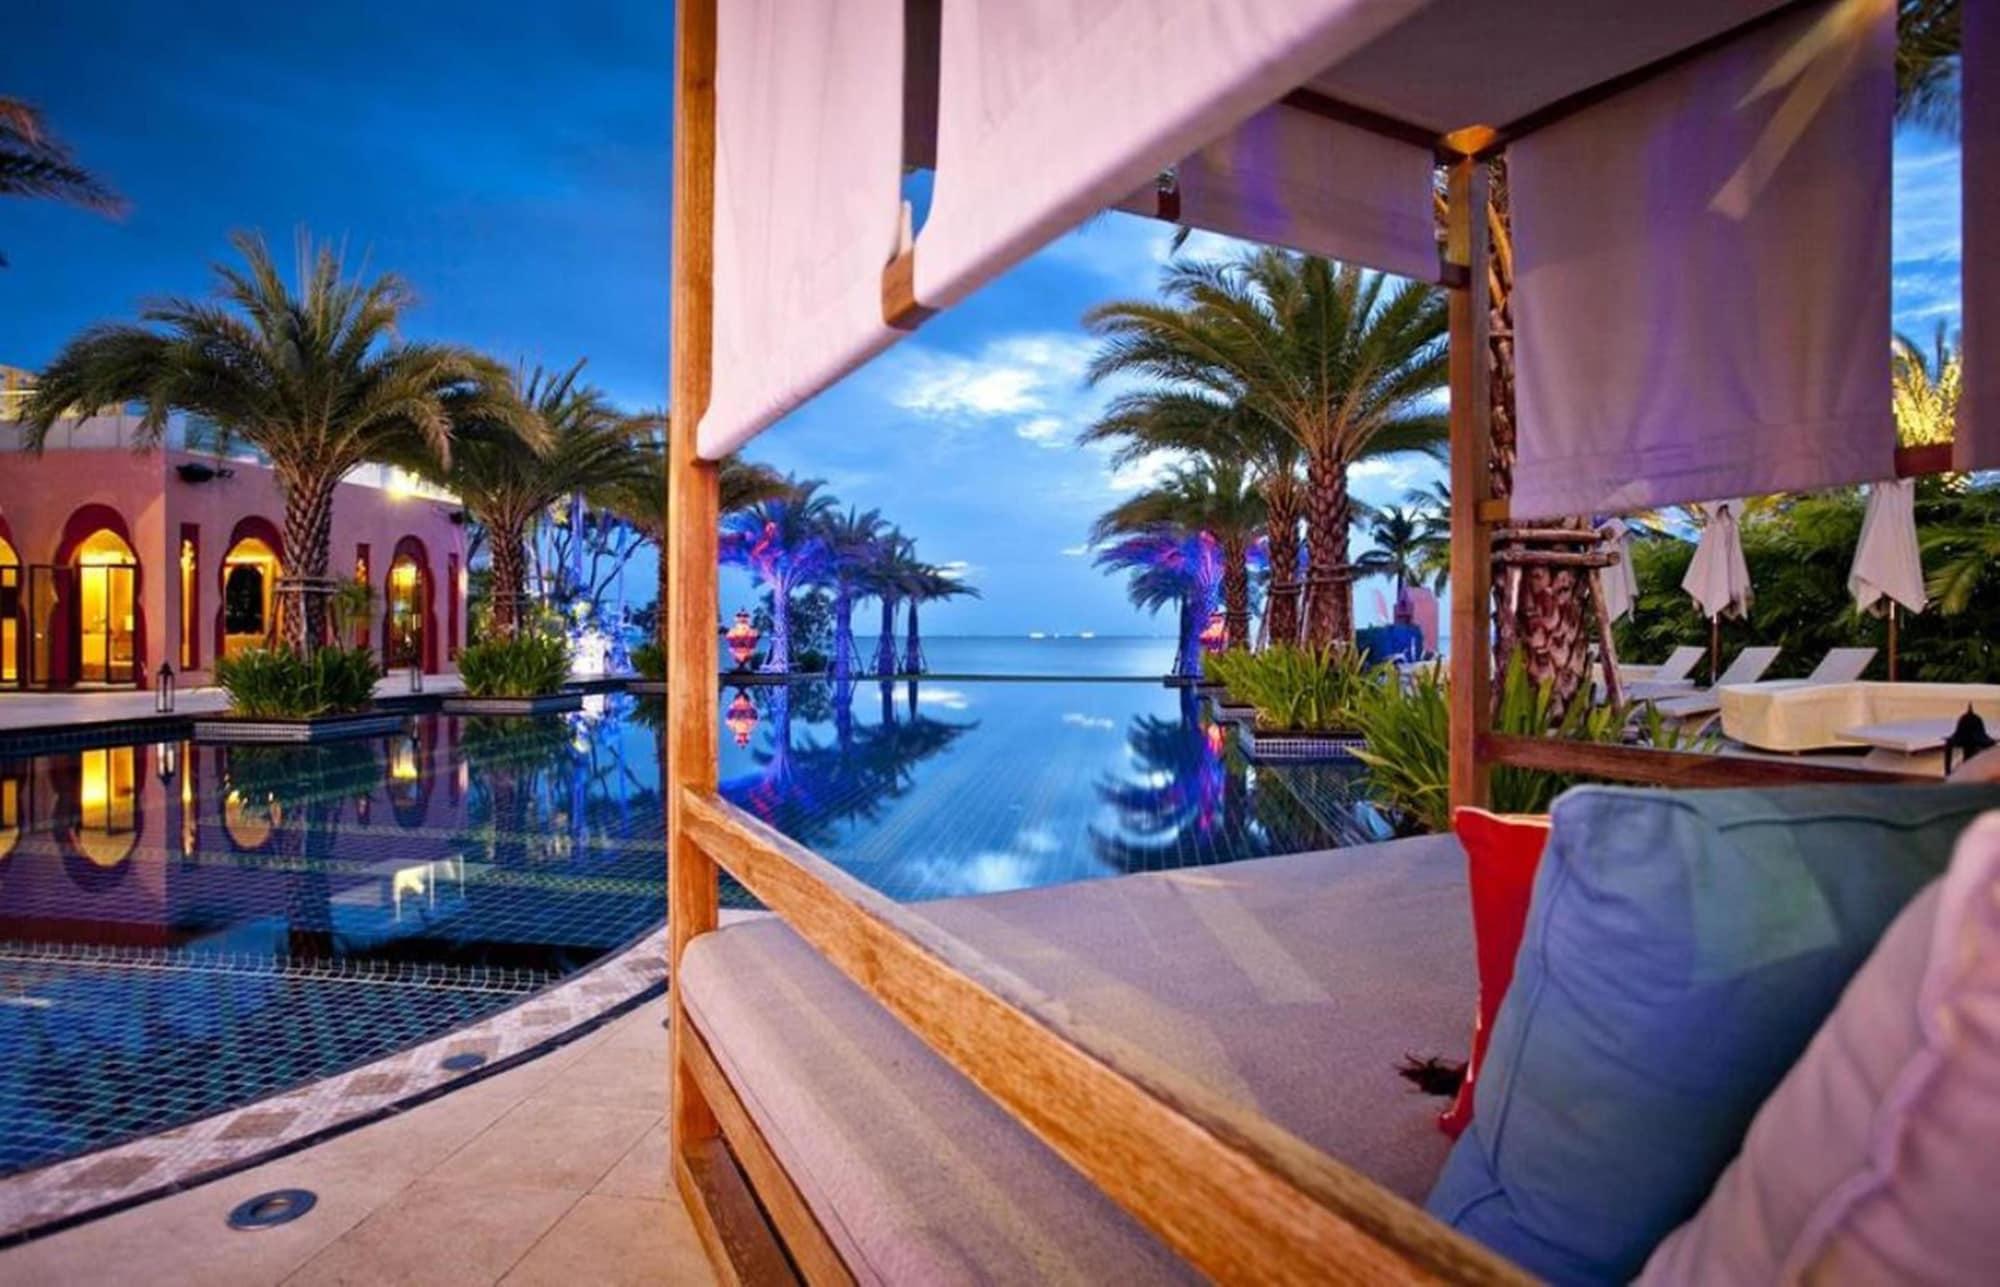 Marrakesh Hua Hin Resort & Spa, Hua Hin